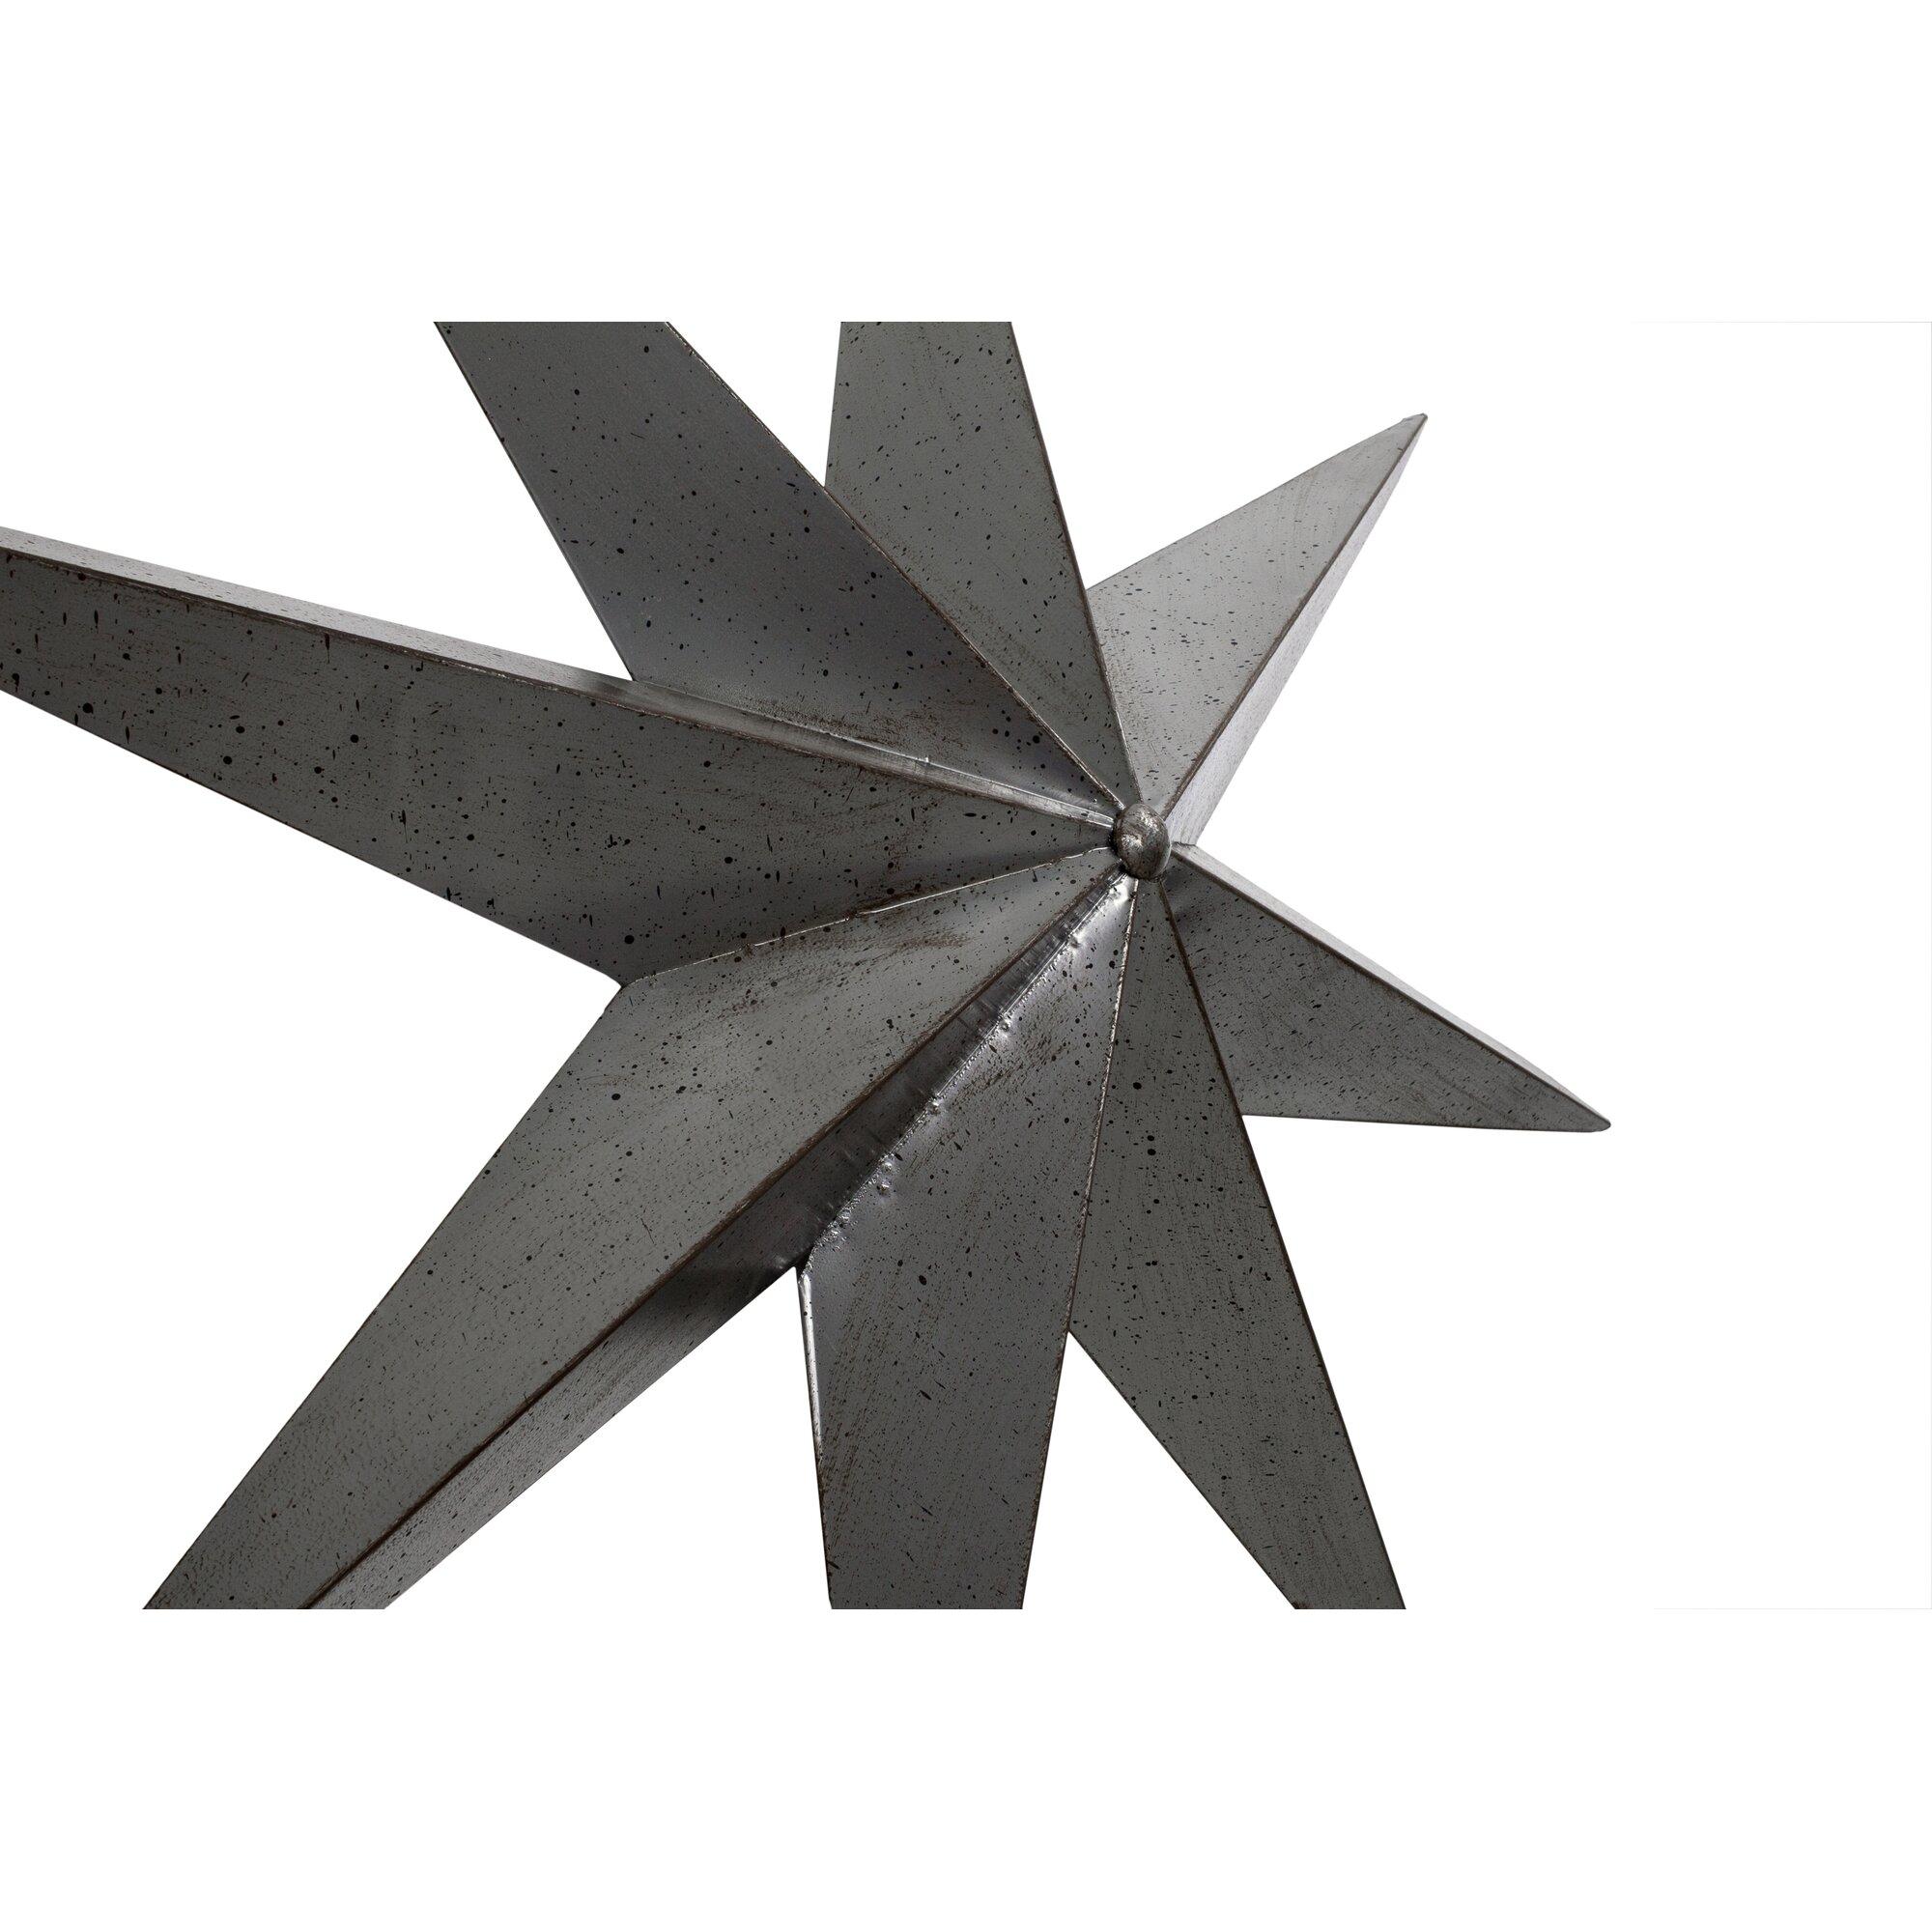 ... Metal Star Wall Decor Inarace